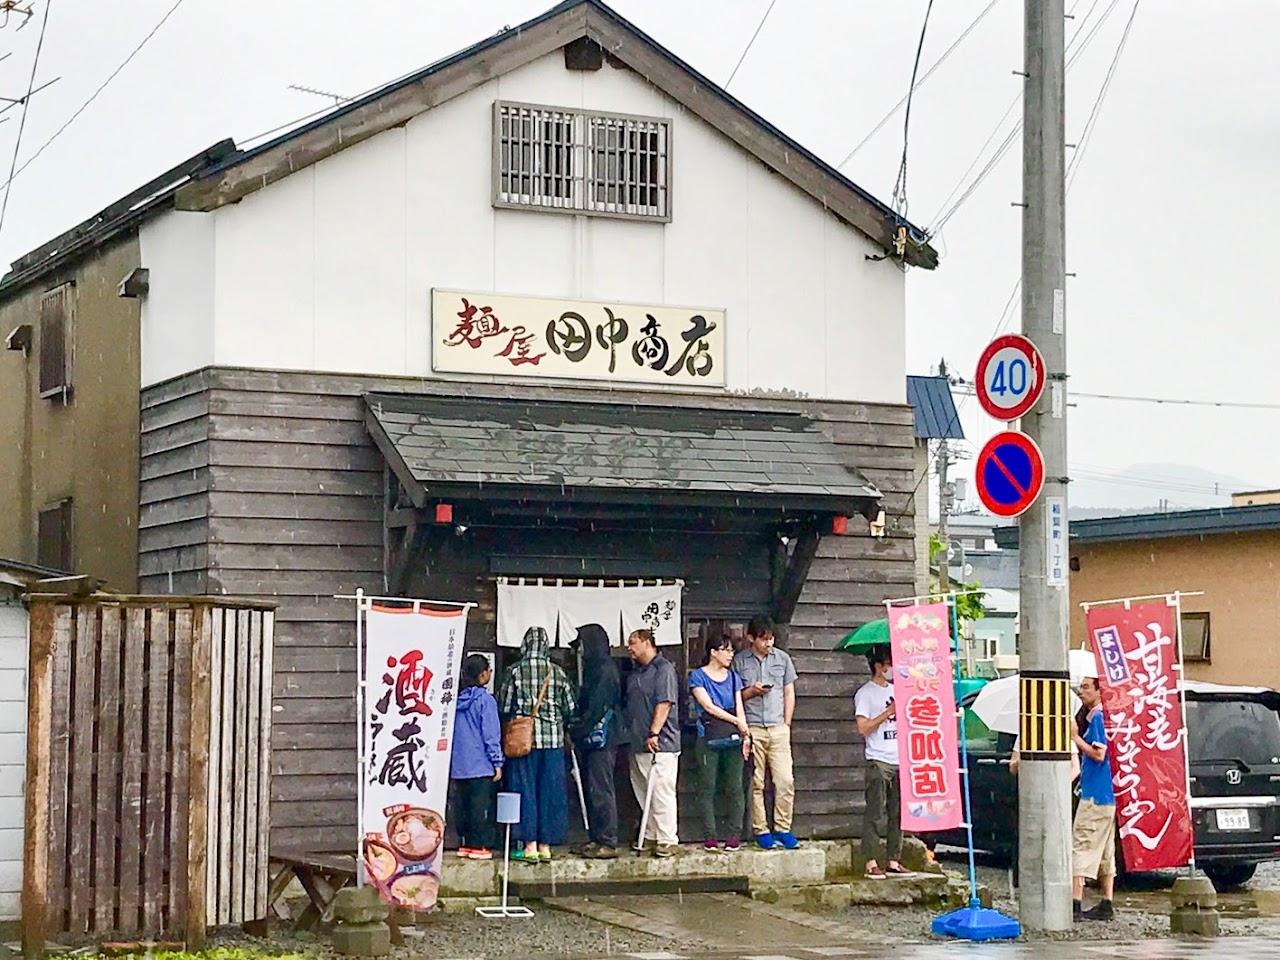 麺屋田中商店で順番を待つ人々(撮影:阿部)